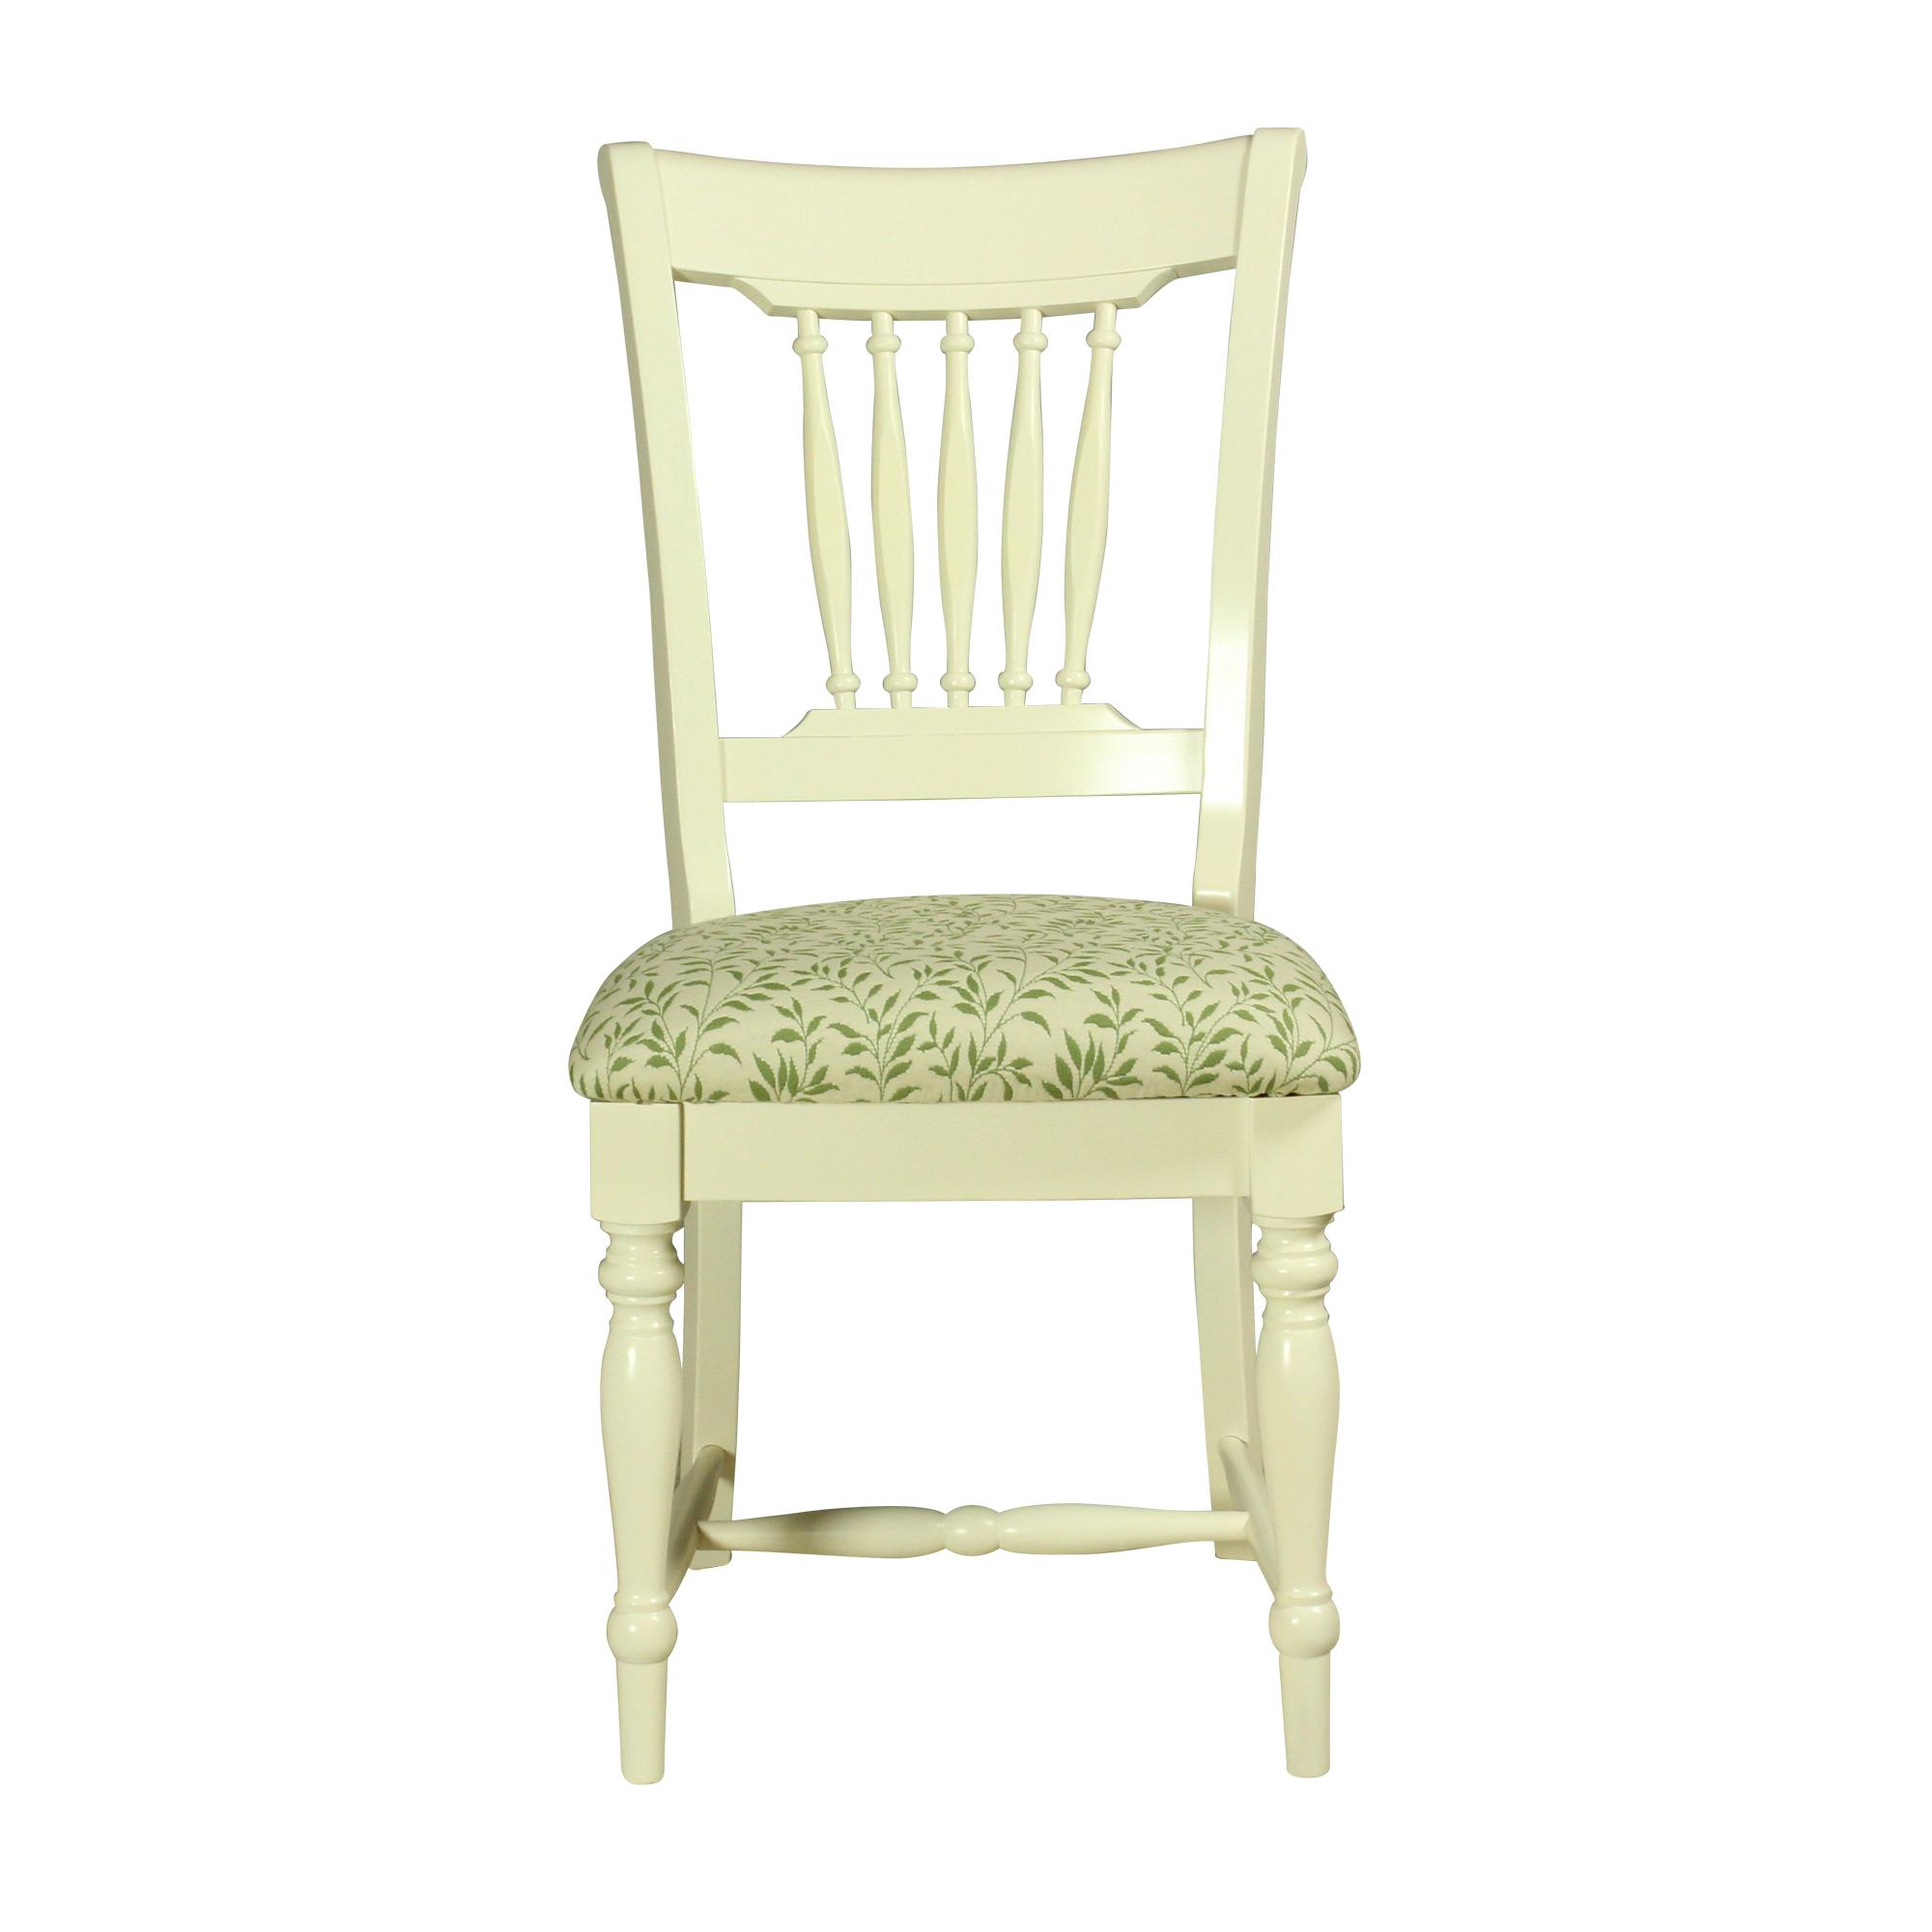 Model 21 Side Chair Upholstered